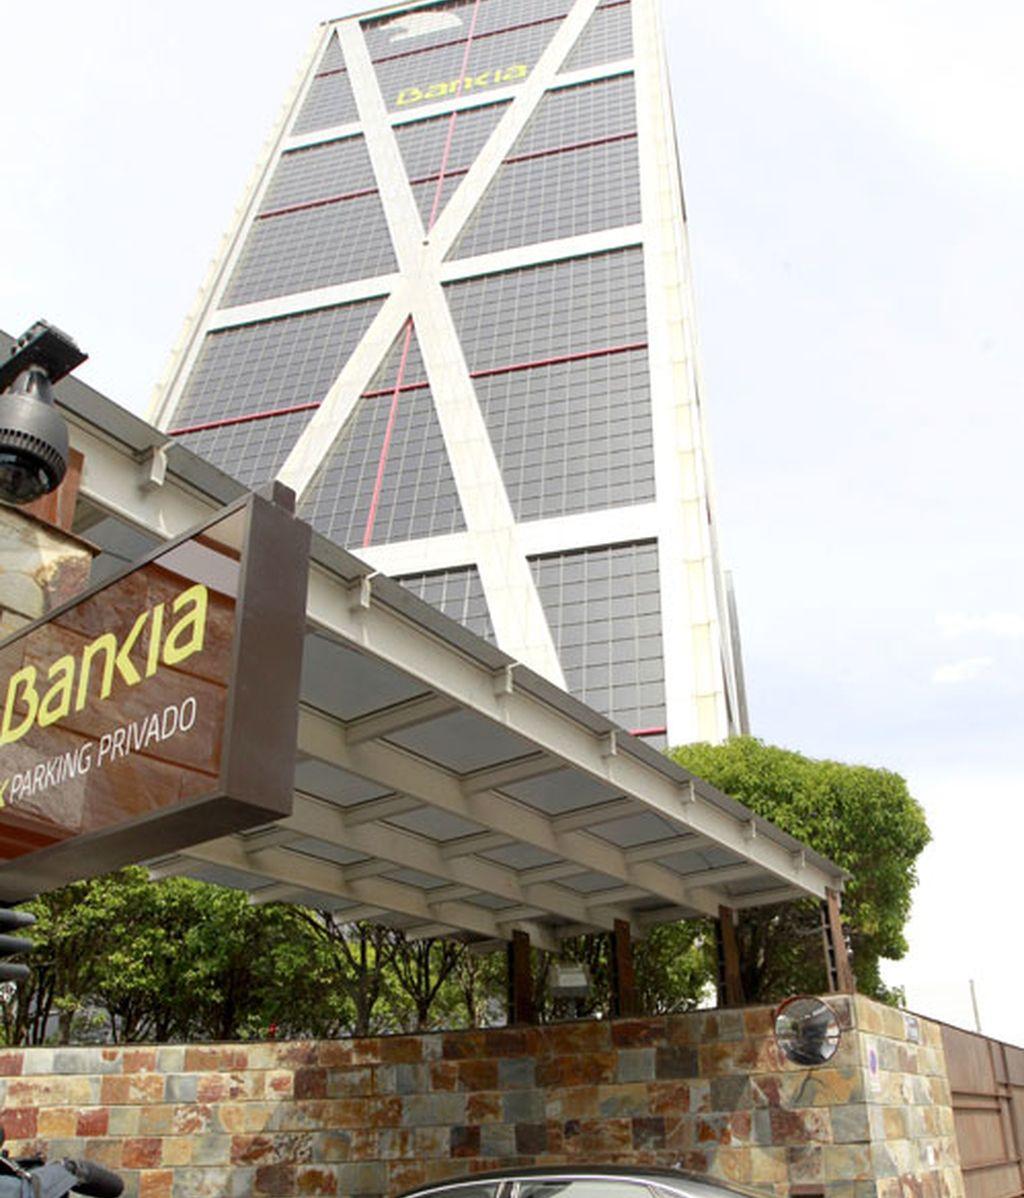 Uno de los consejeros de Bankia llega a la sede de la entidad para la reunión del consejo de administración